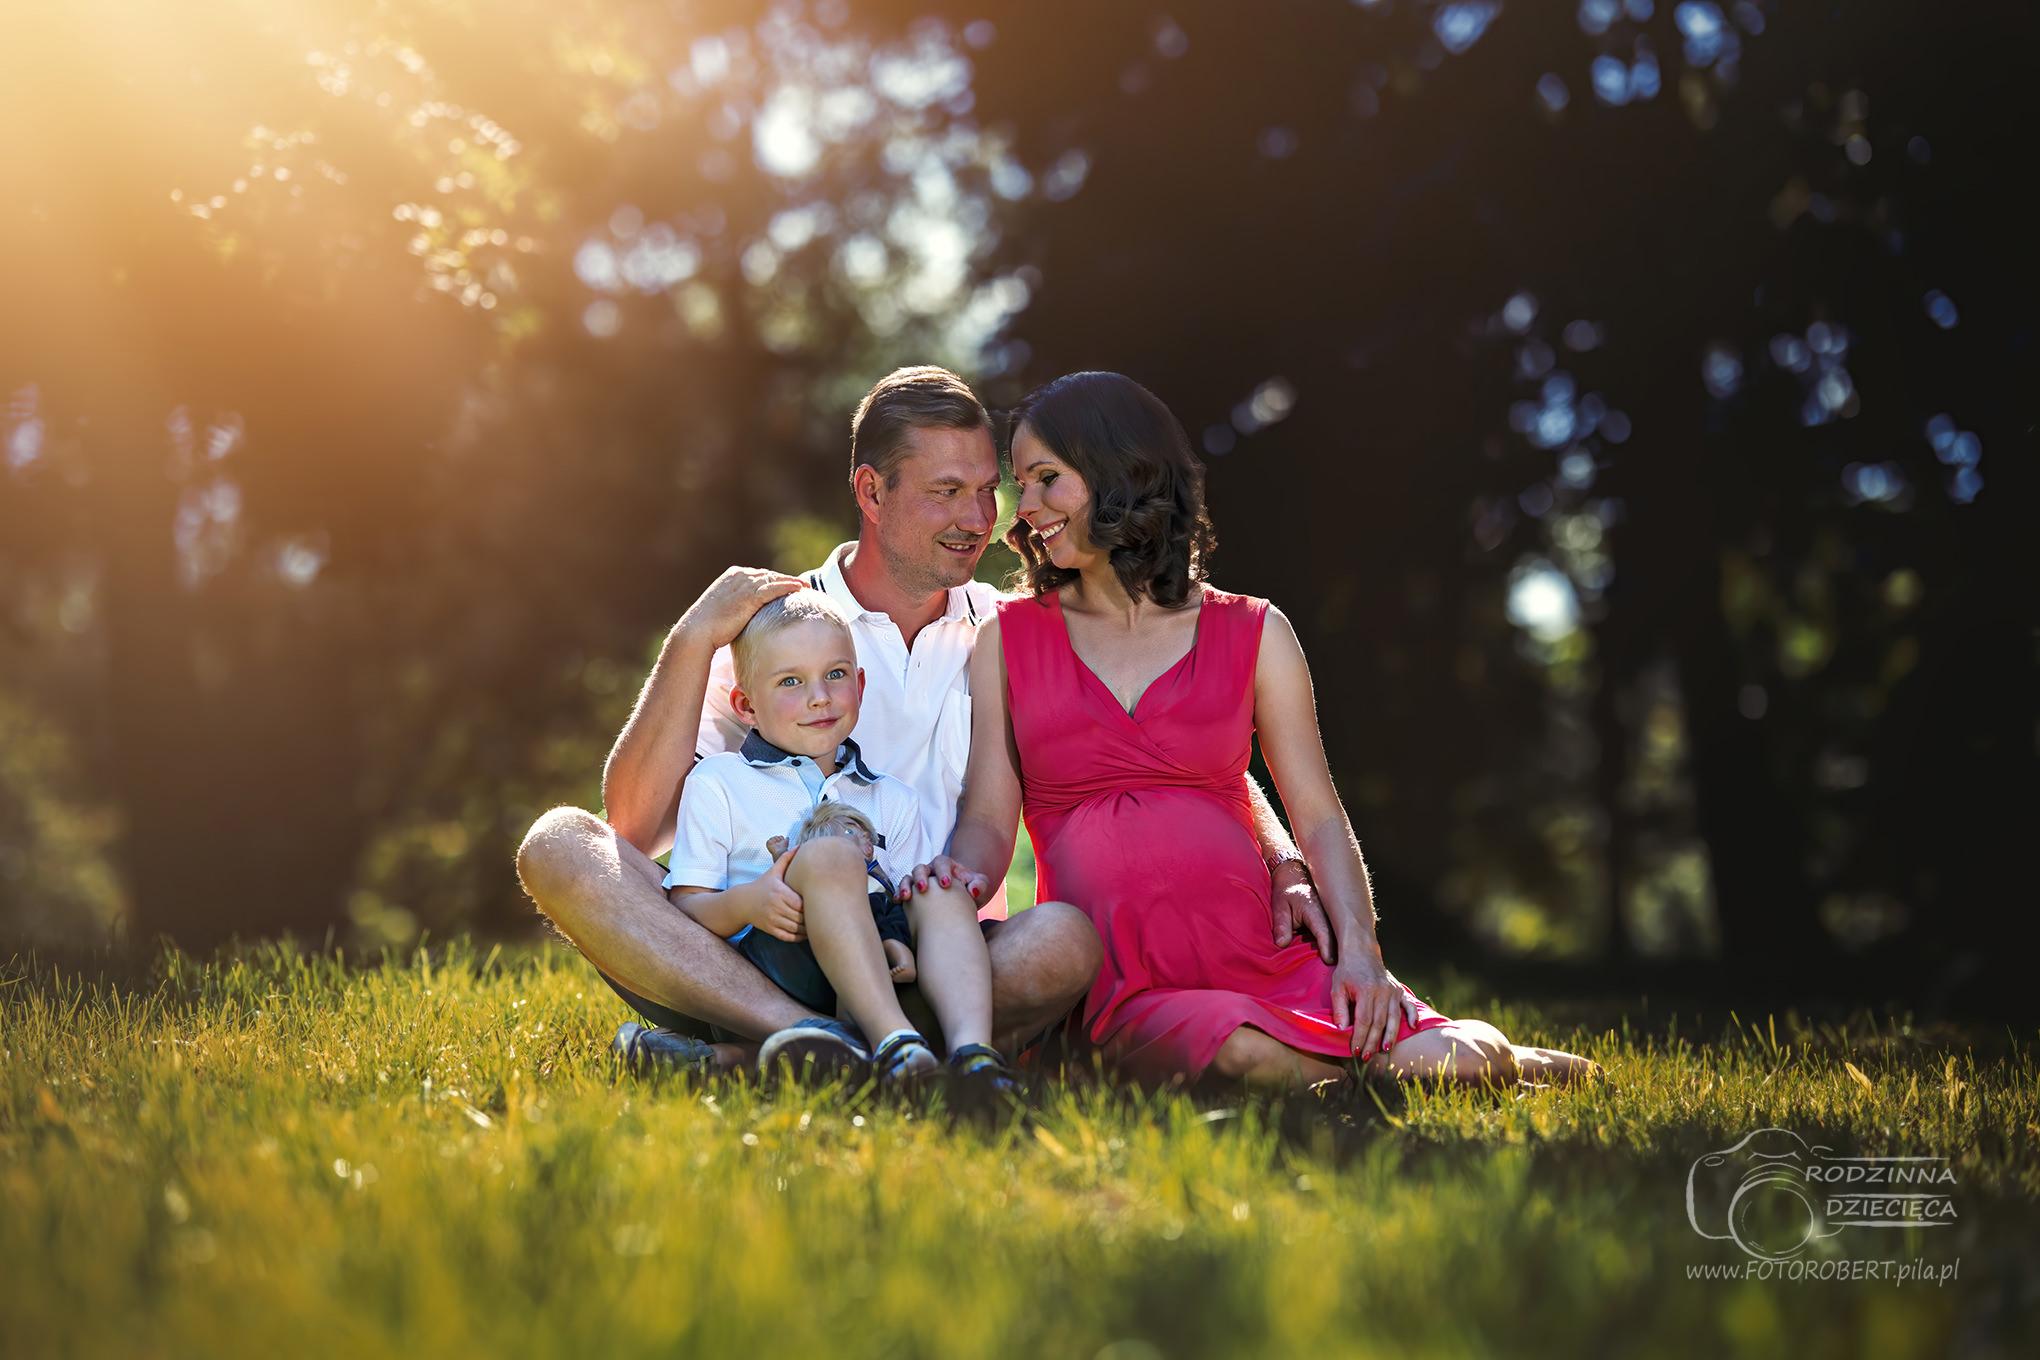 Sesja rodzinna w Pile Fotorobert